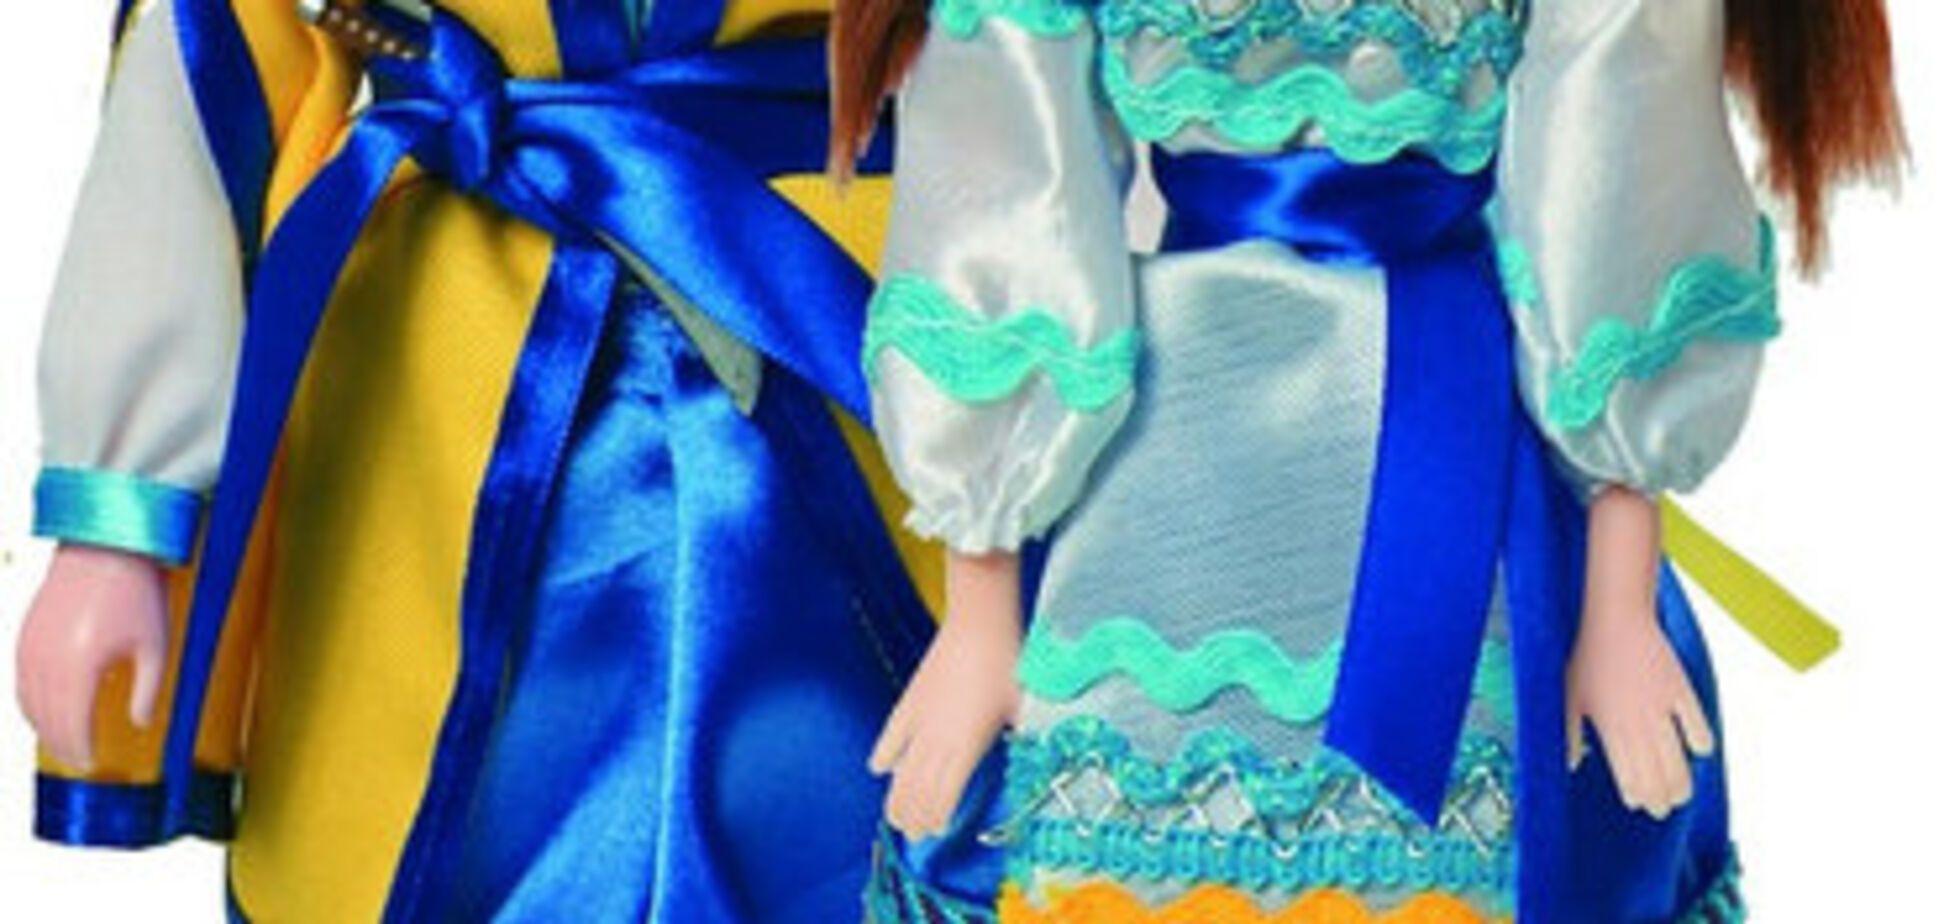 Усе найкраще дітям? Безглузді ляльки-'українці' спантеличили мережу